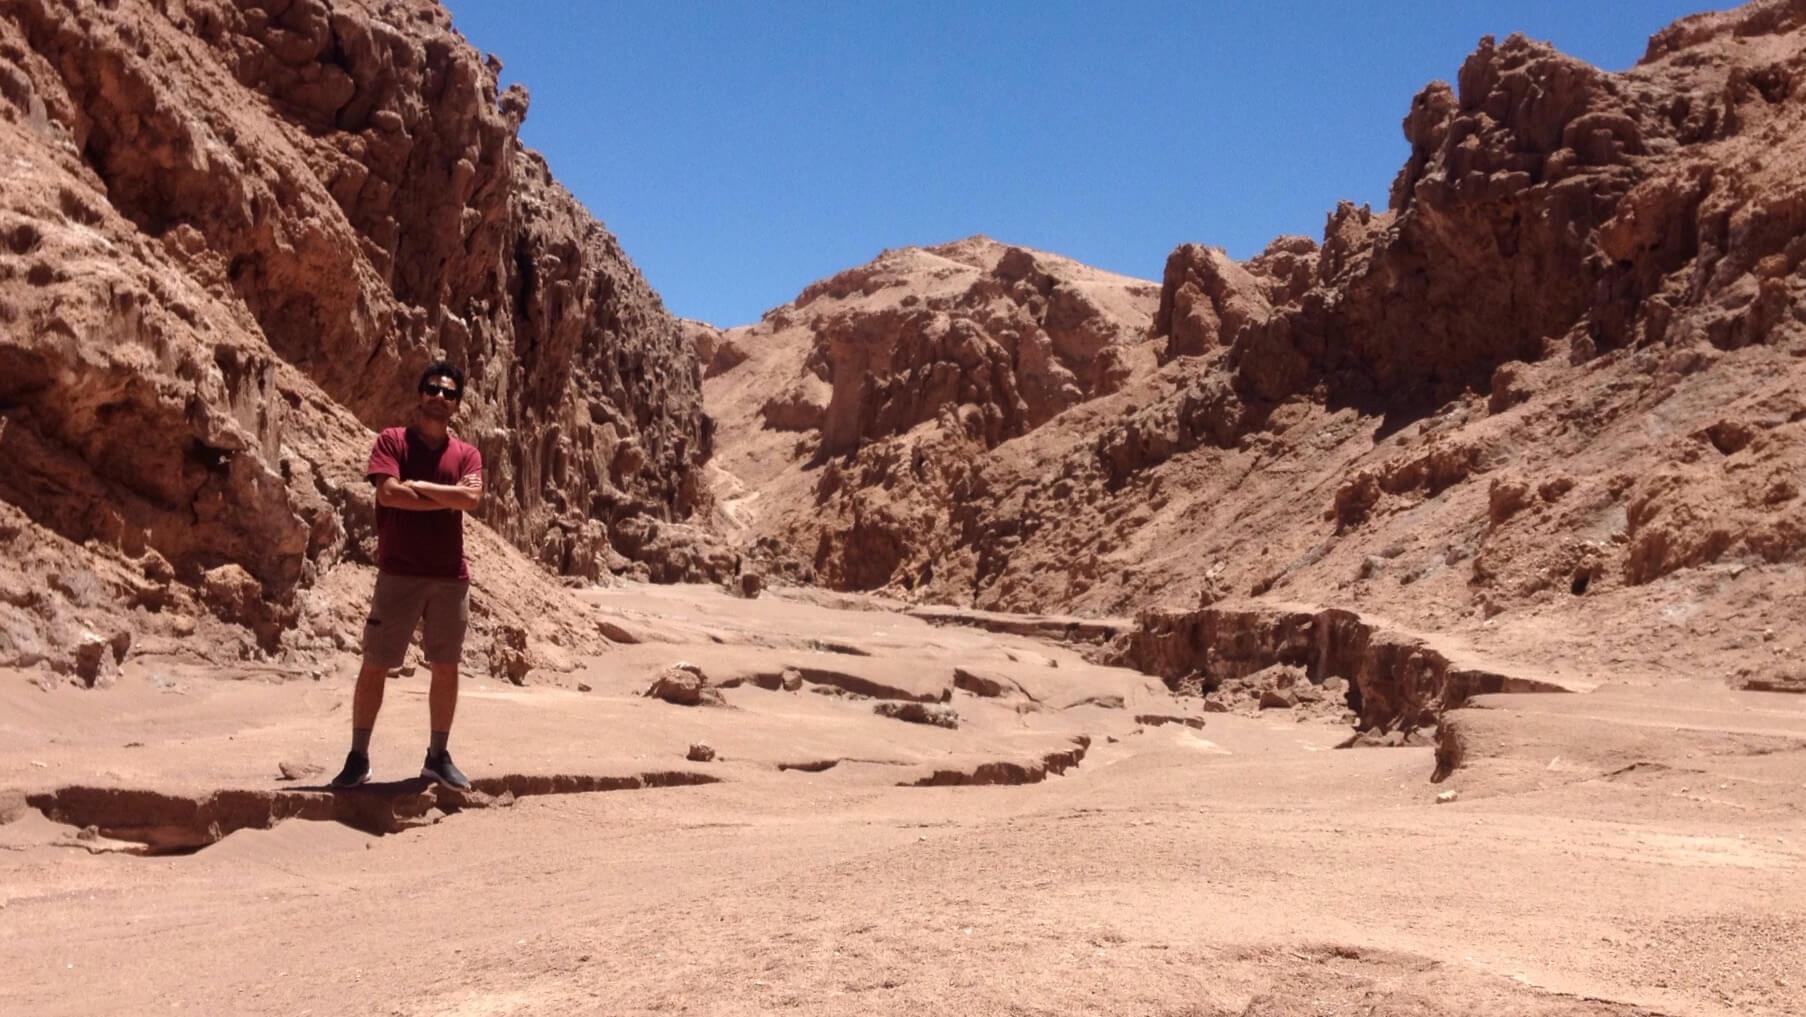 Şili gezilecek noktalar -atacama çölü